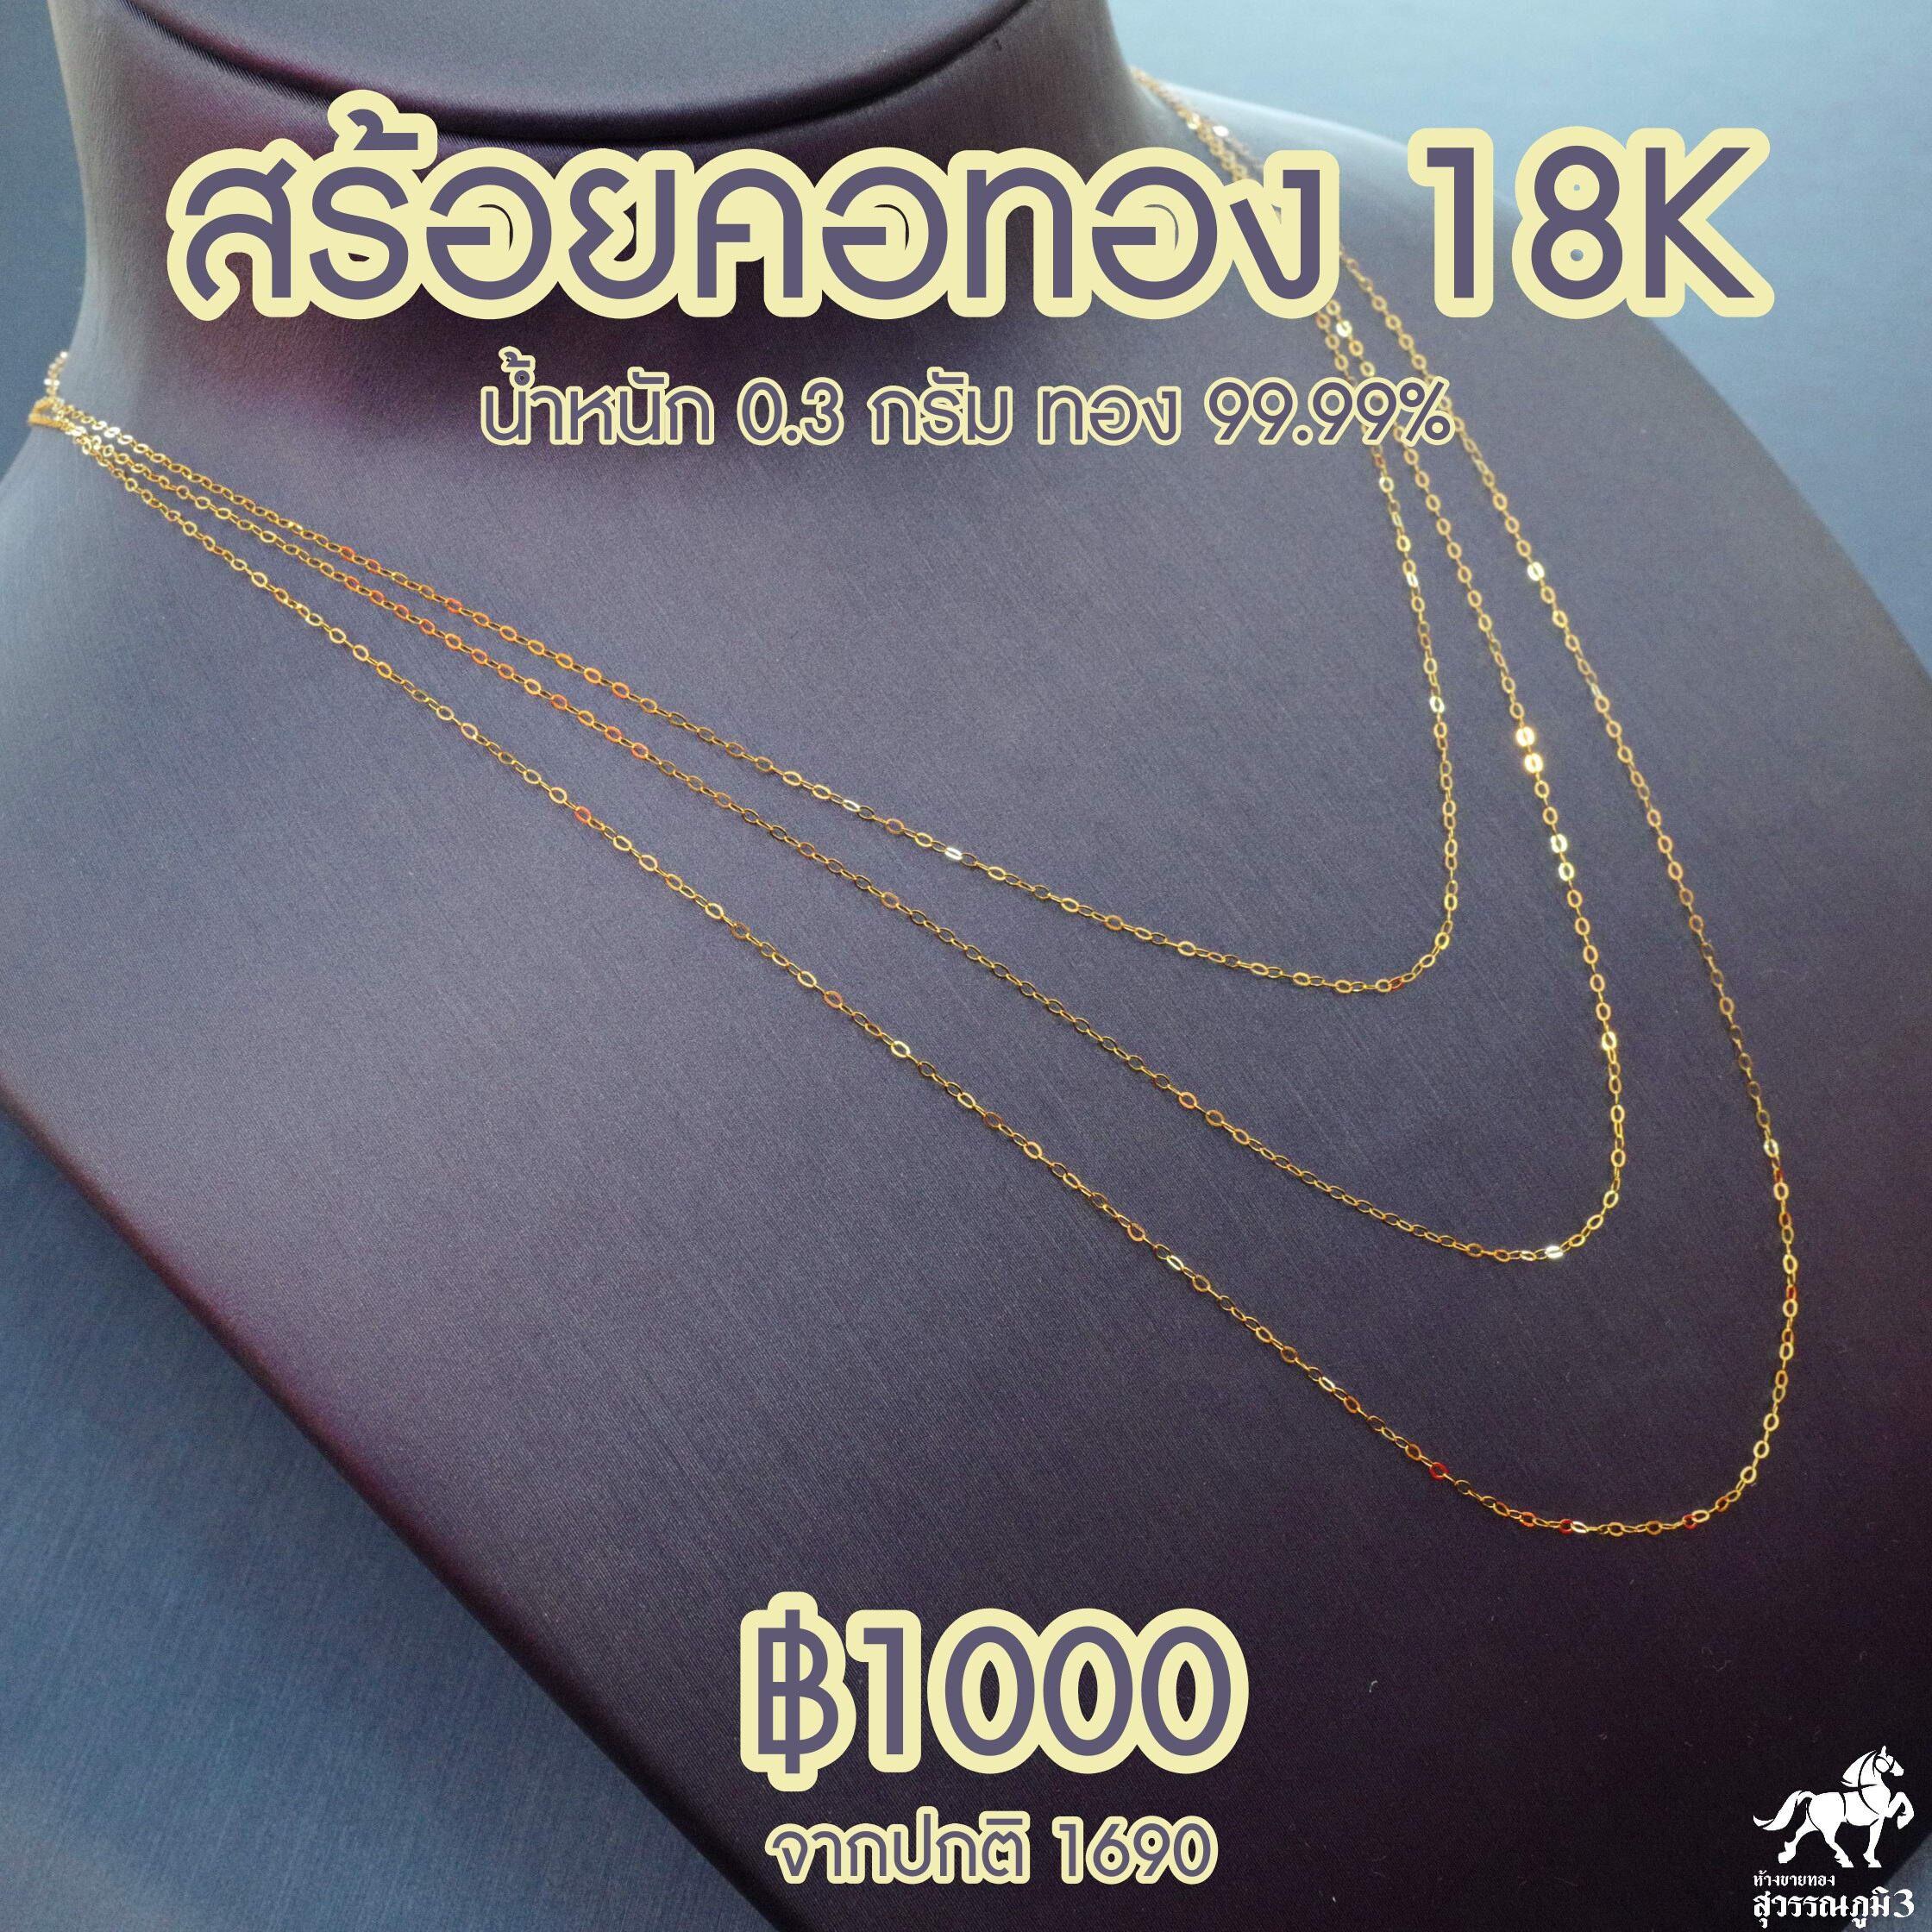 สร้อยคอทองอิตาลี 18k (750) น้ำหนัก 0.3 กรัม ทองคำ 99.99% ทองแท้ๆทั้งเส้น ขายได้ มีใบรับประกันจากร้านทอง นิยมที่สุด.